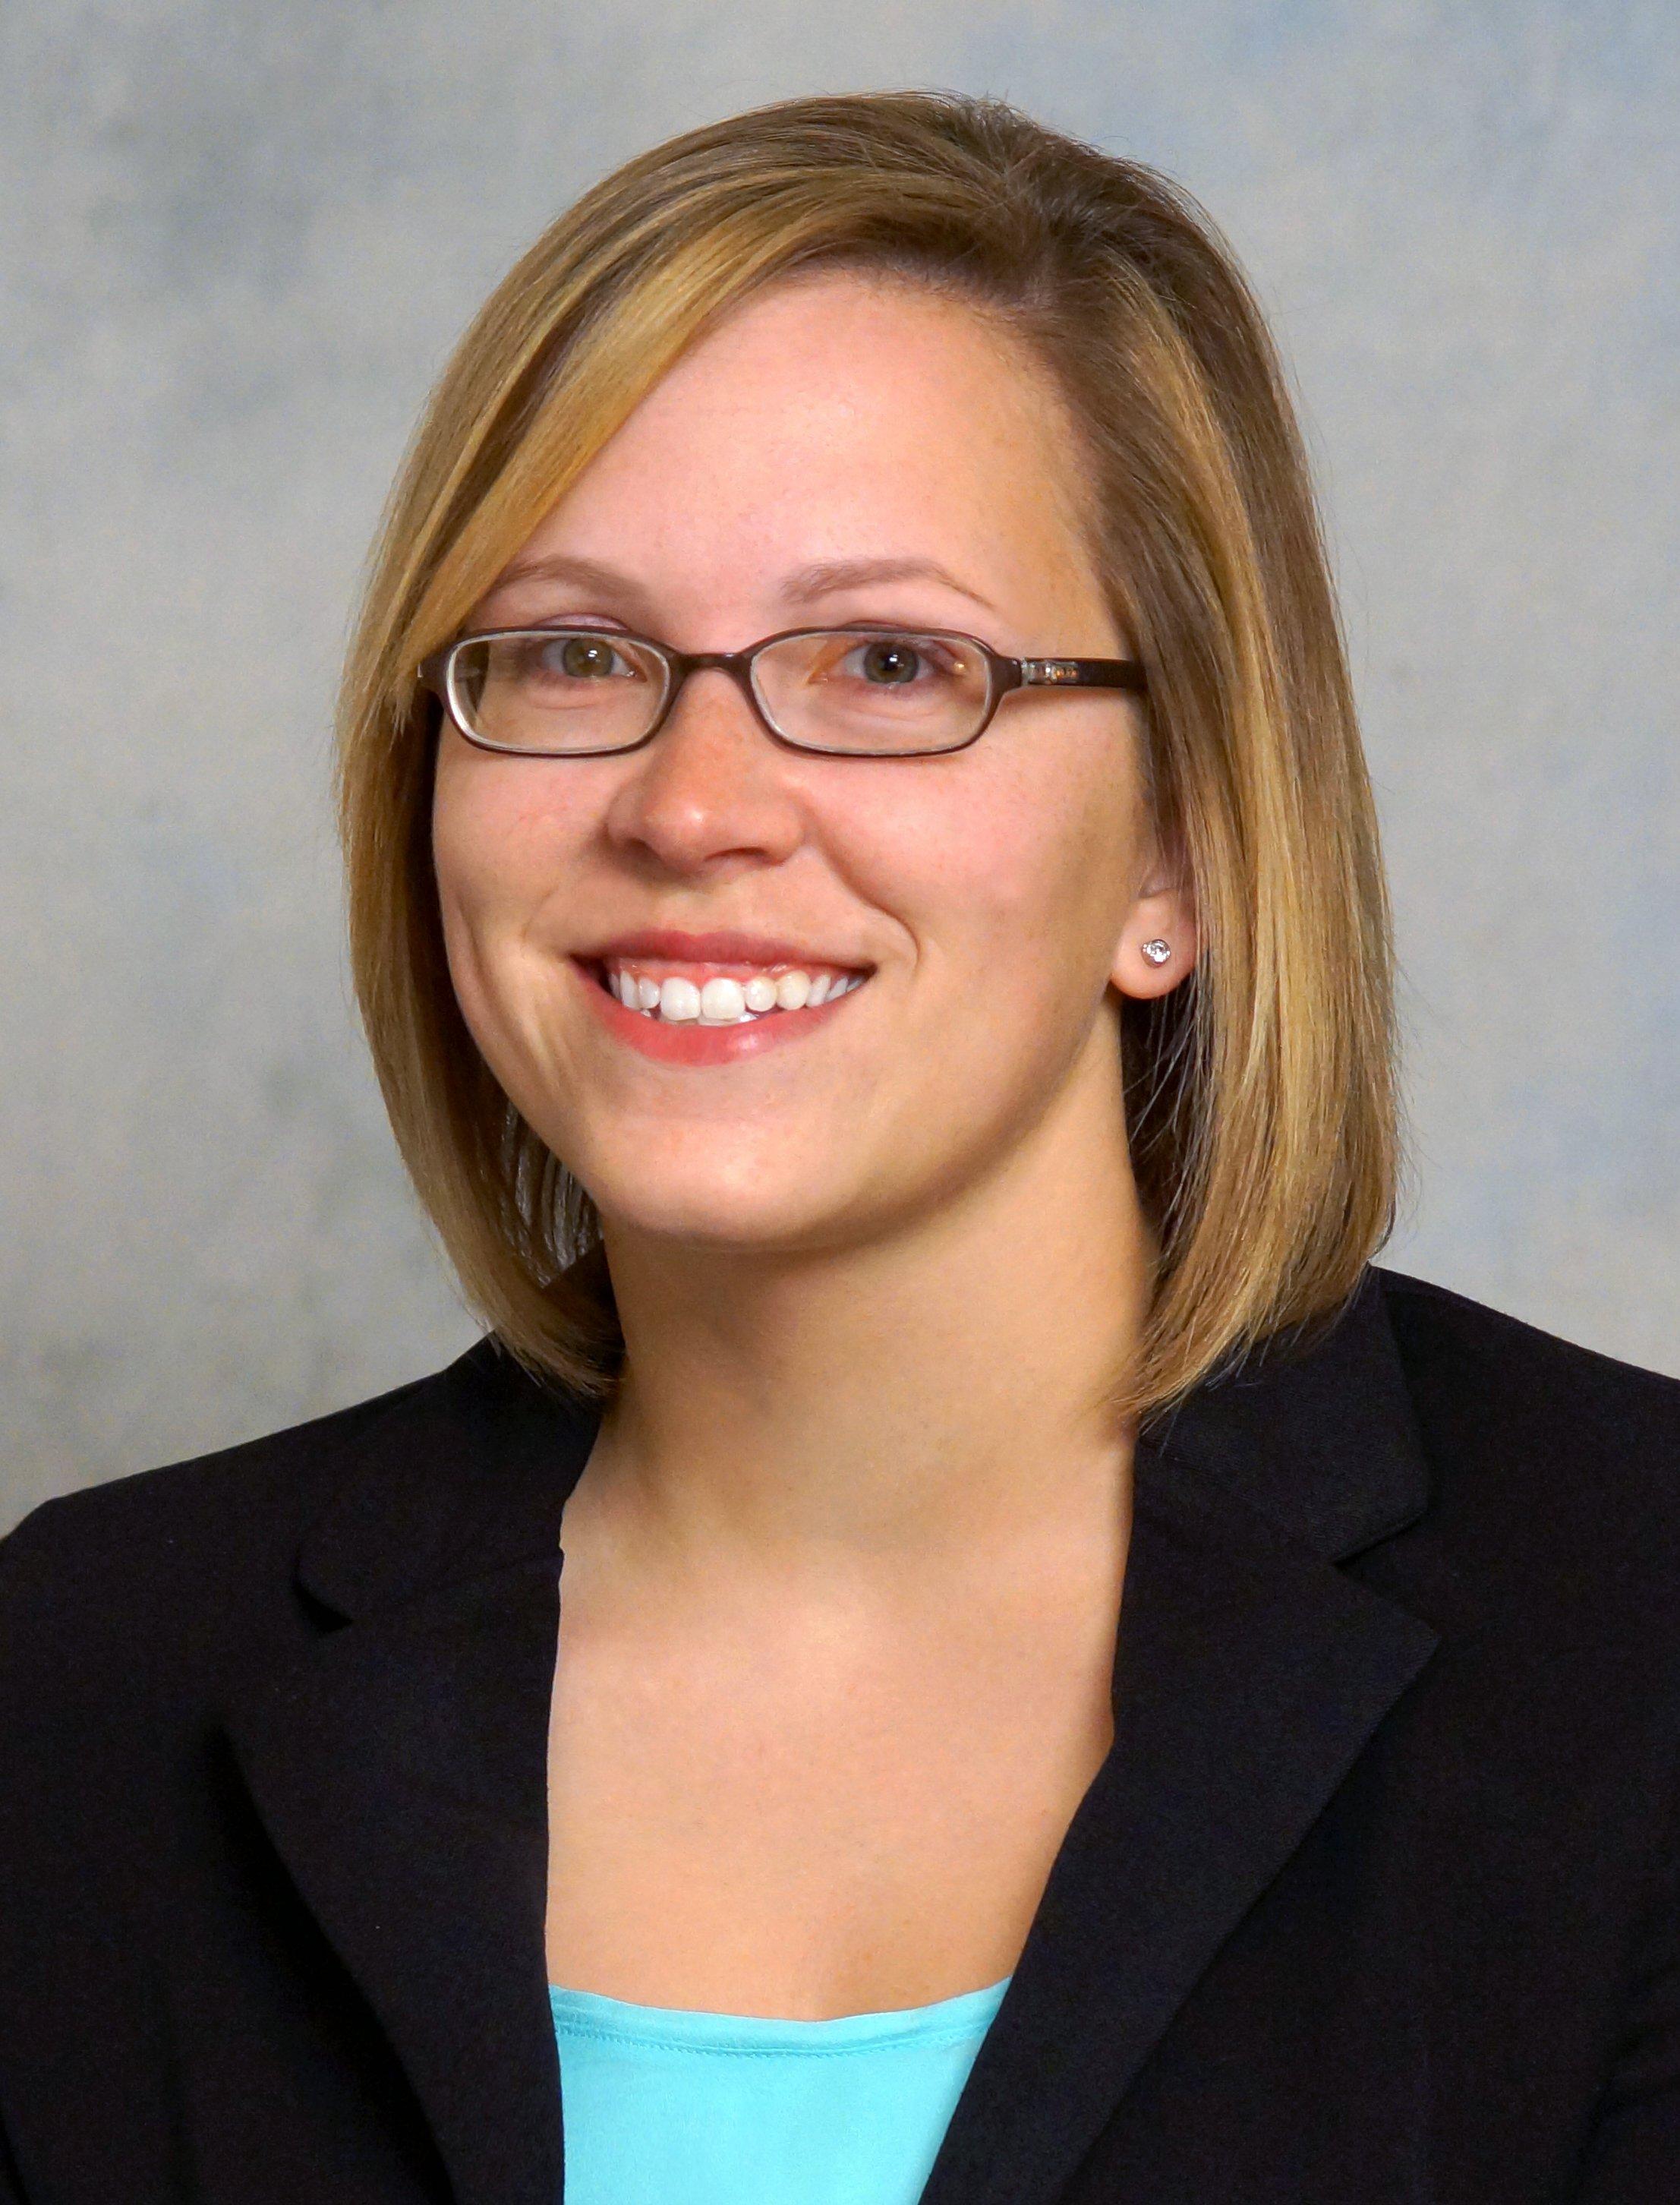 Spellman Site Director Suzy Boynton